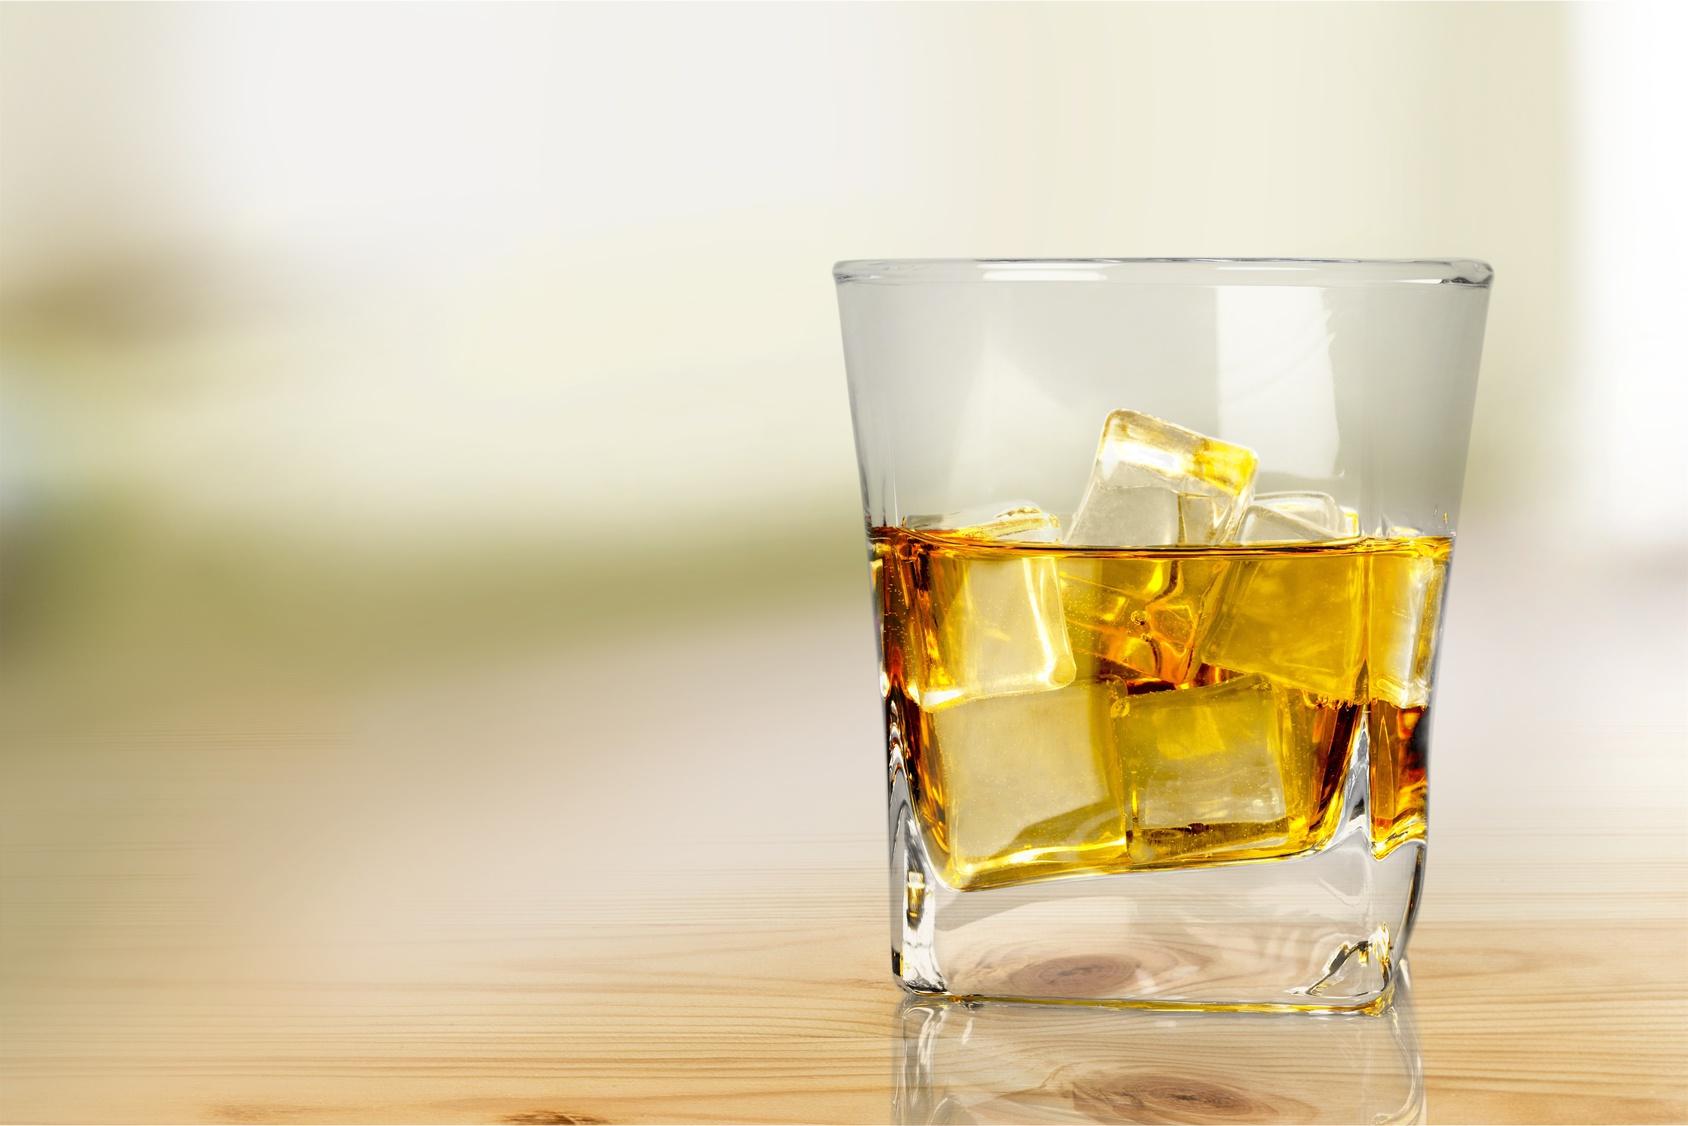 High praise for whisky